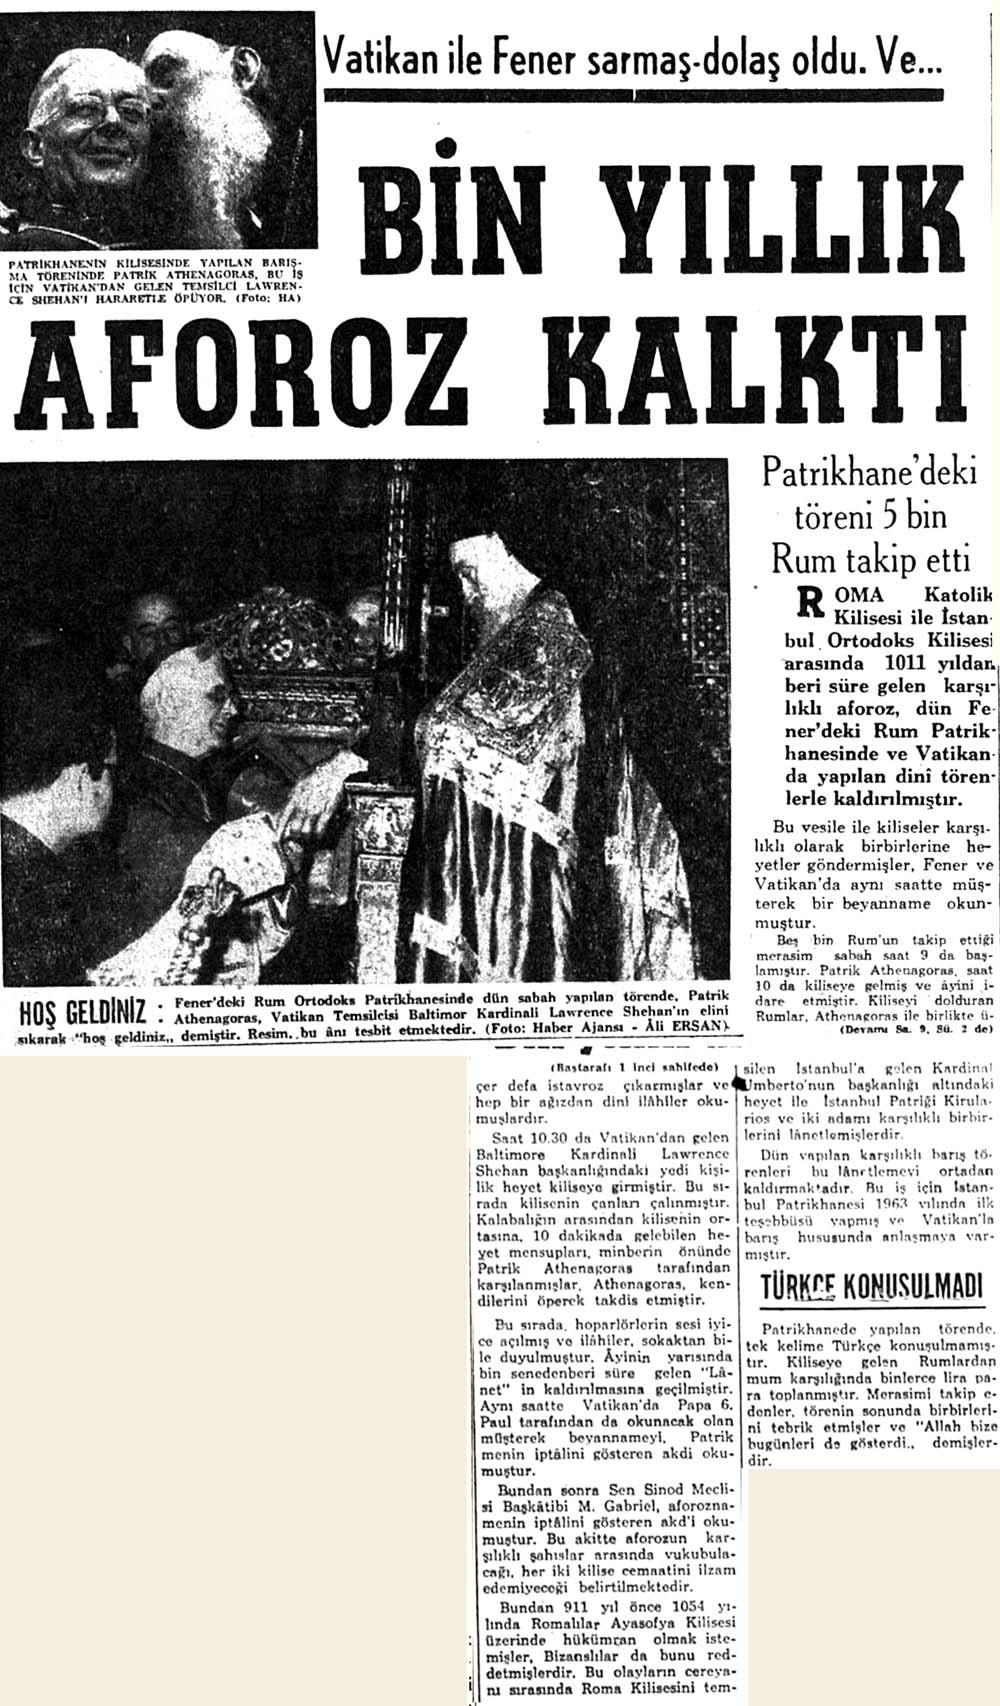 Vatikan ile Fener sarmaş dolaş oldu ve bin yıllık aforoz kalktı